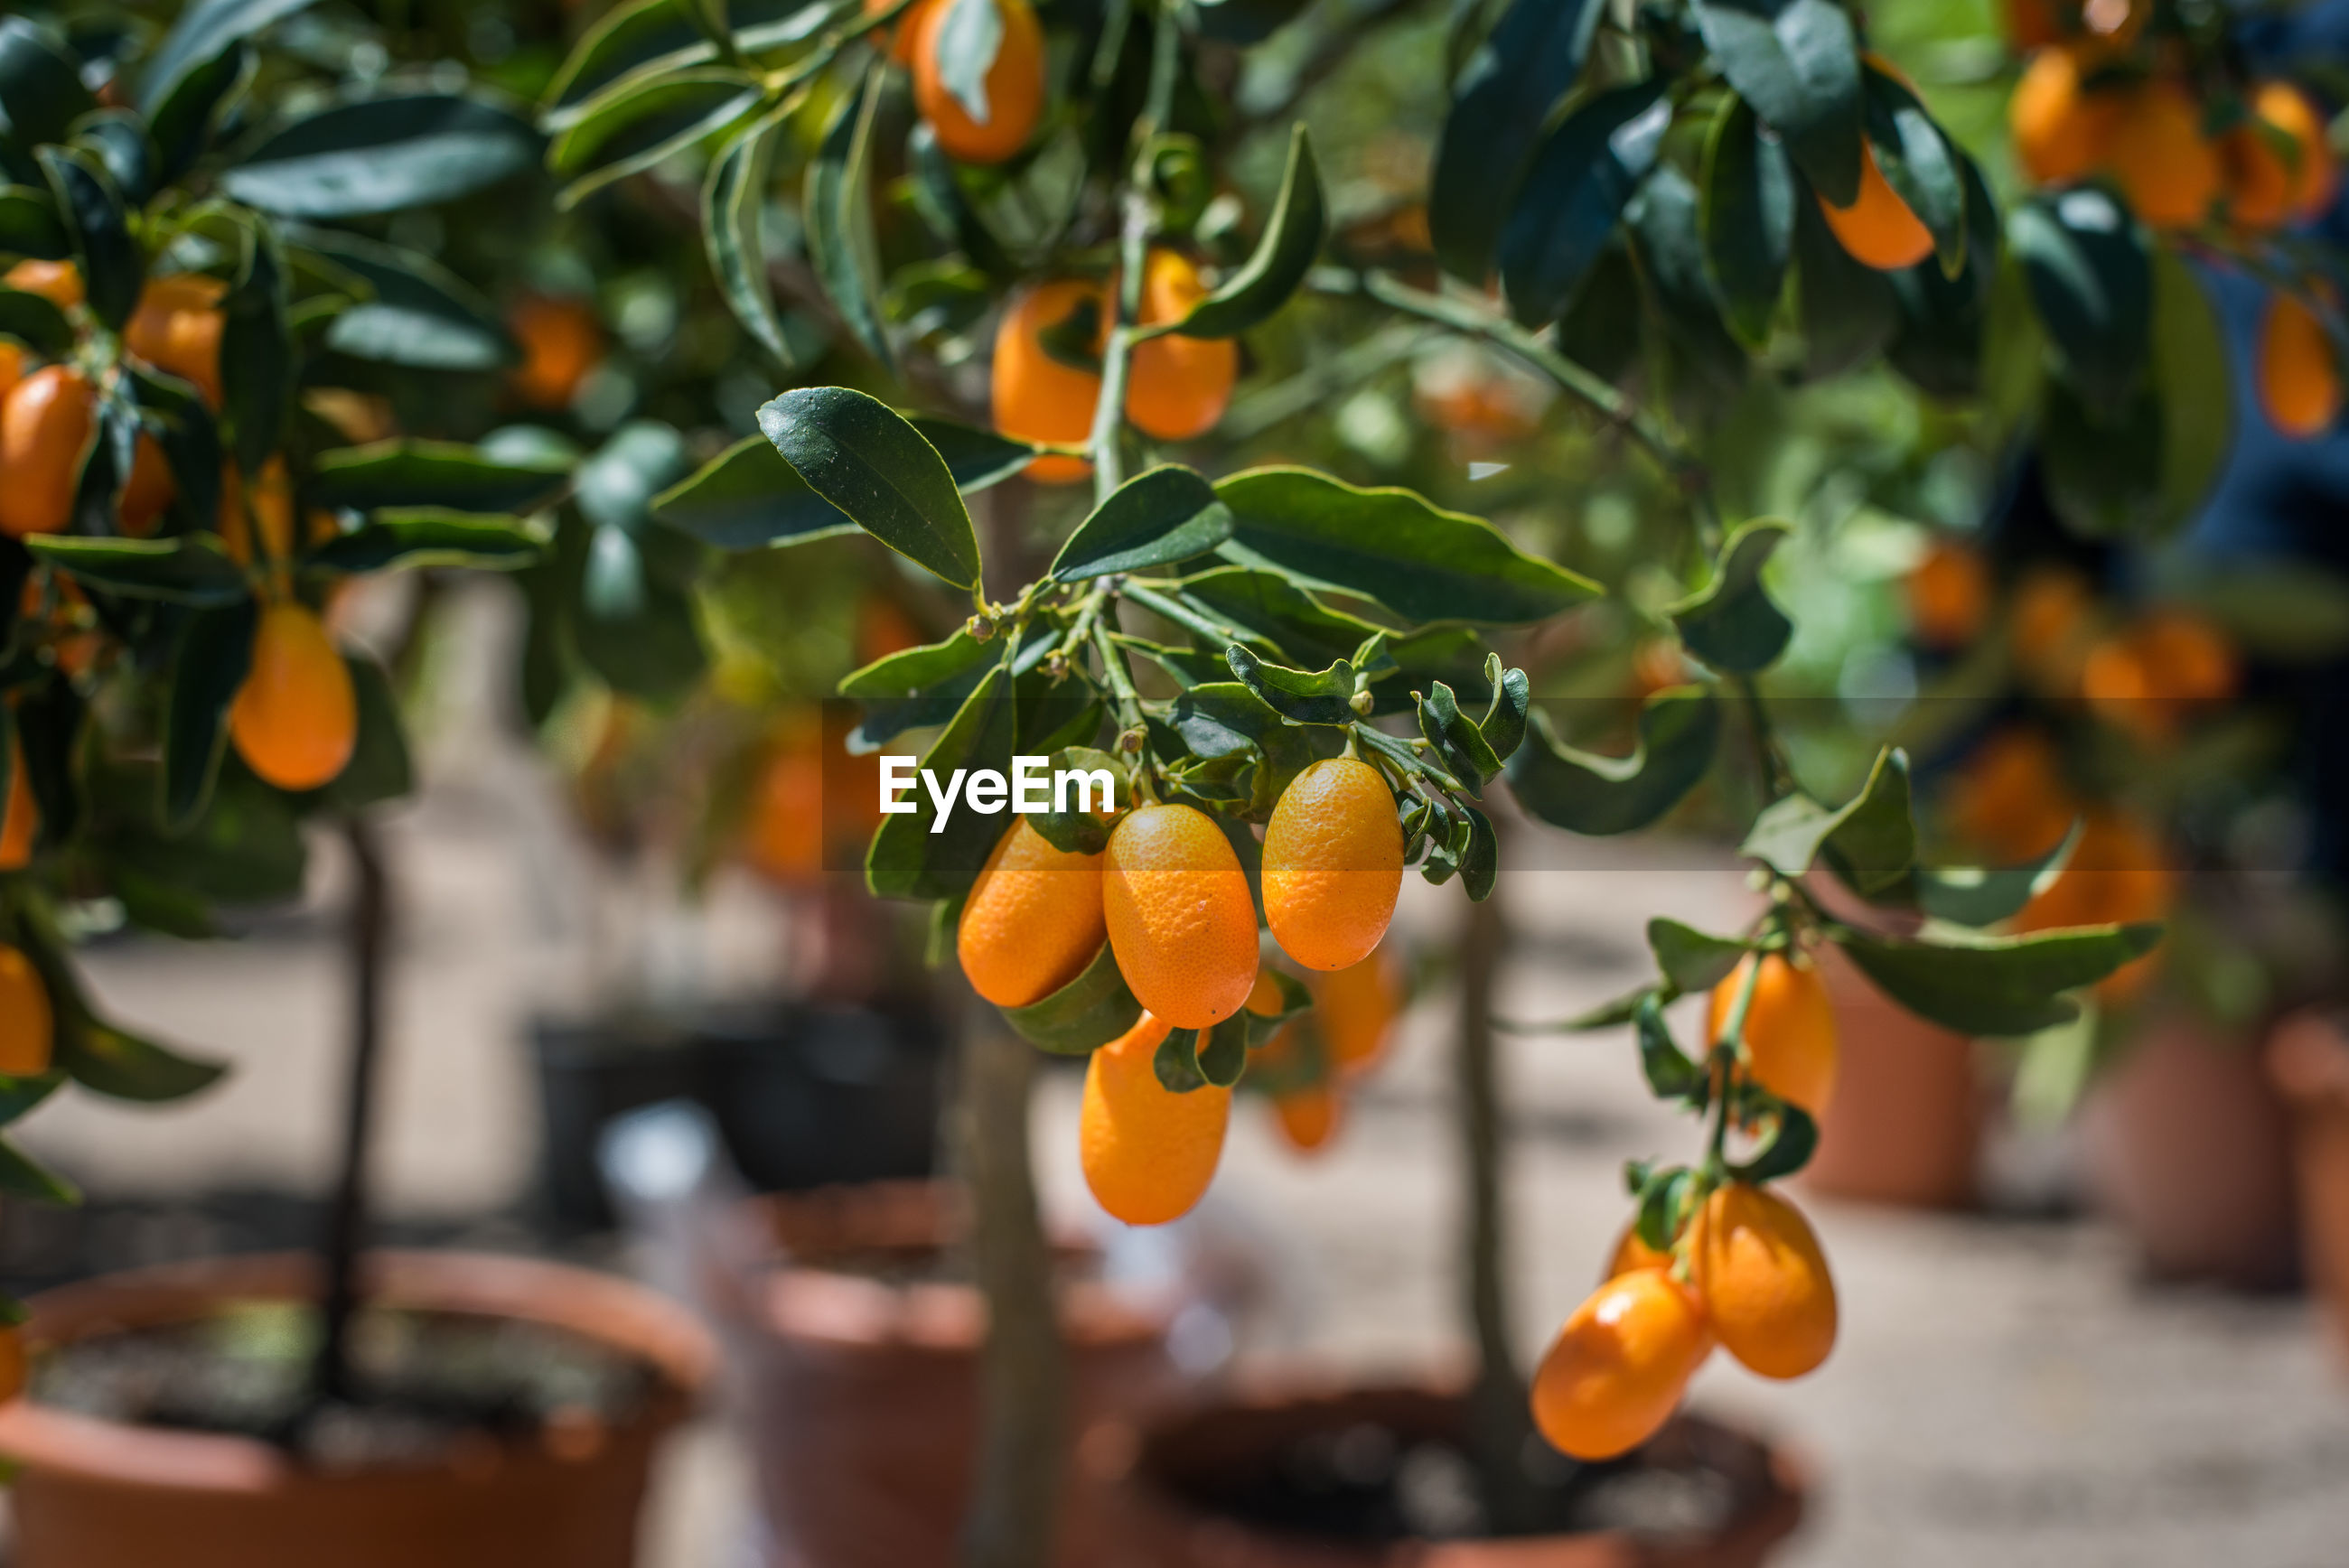 Close-up of orange fruits on tree